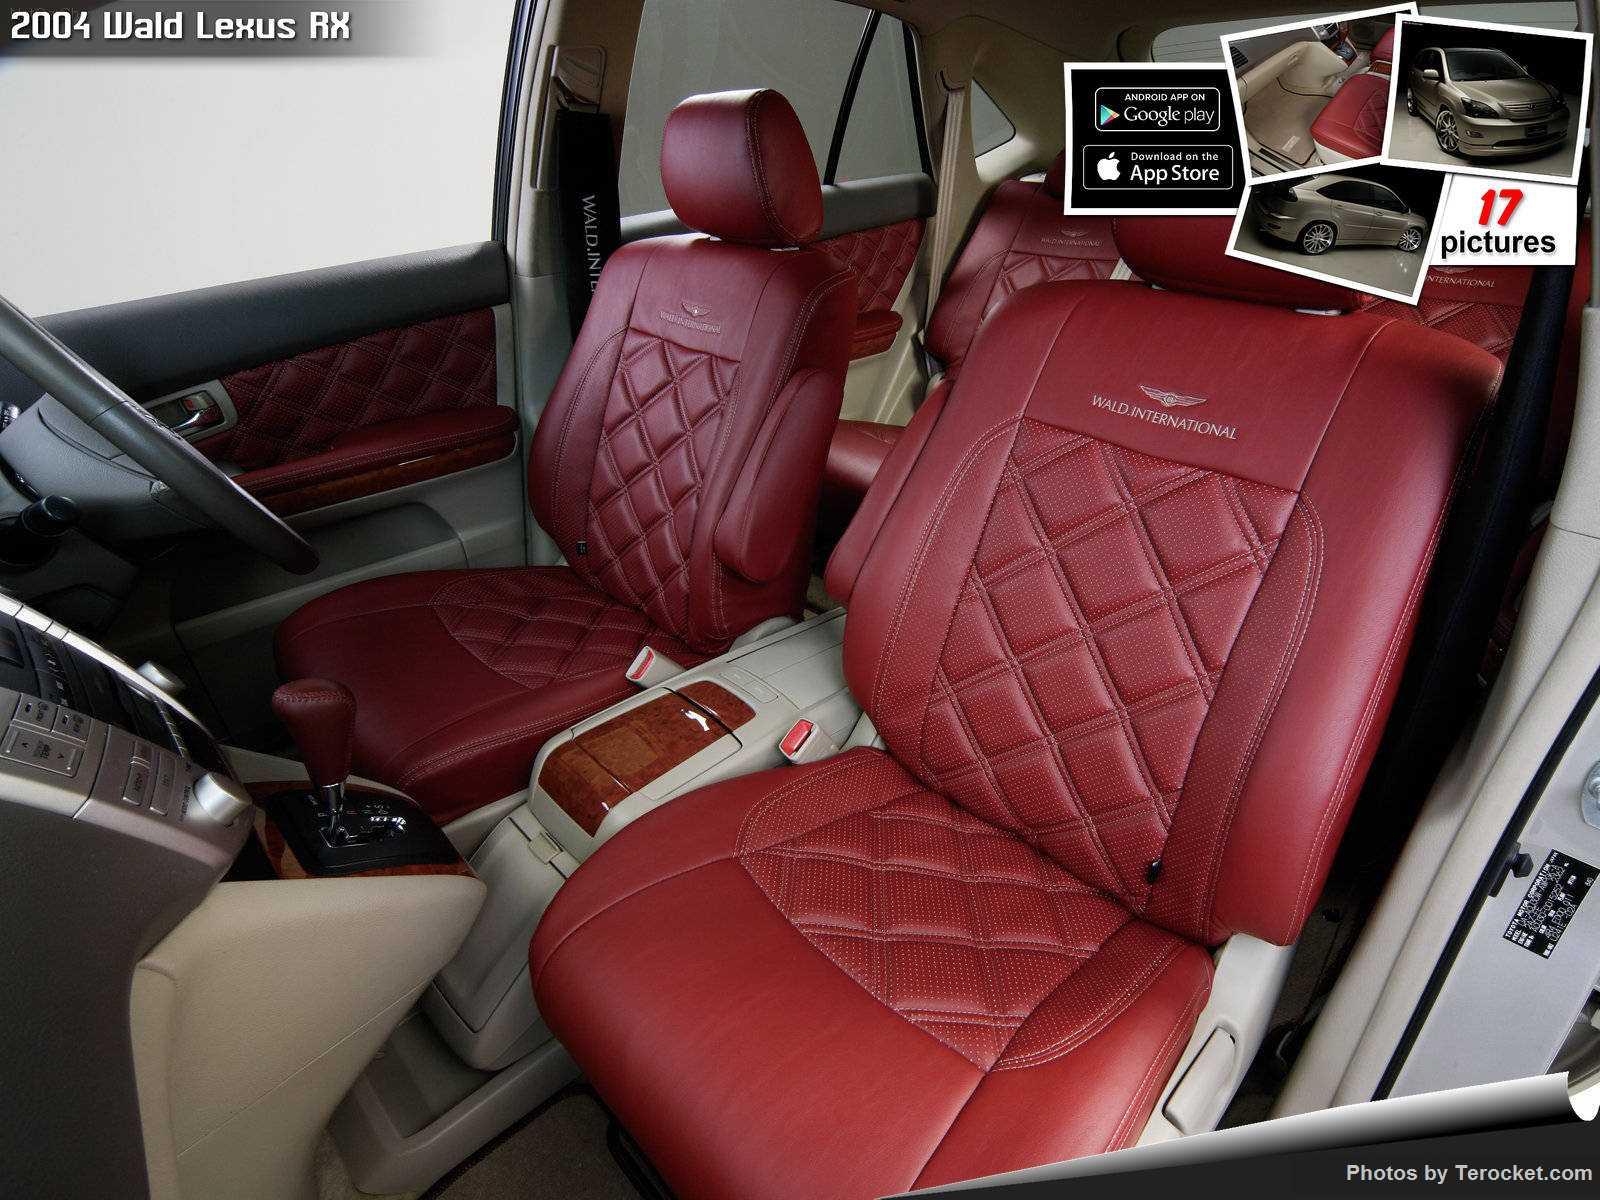 Hình ảnh xe độ Wald Lexus RX 2004 & nội ngoại thất